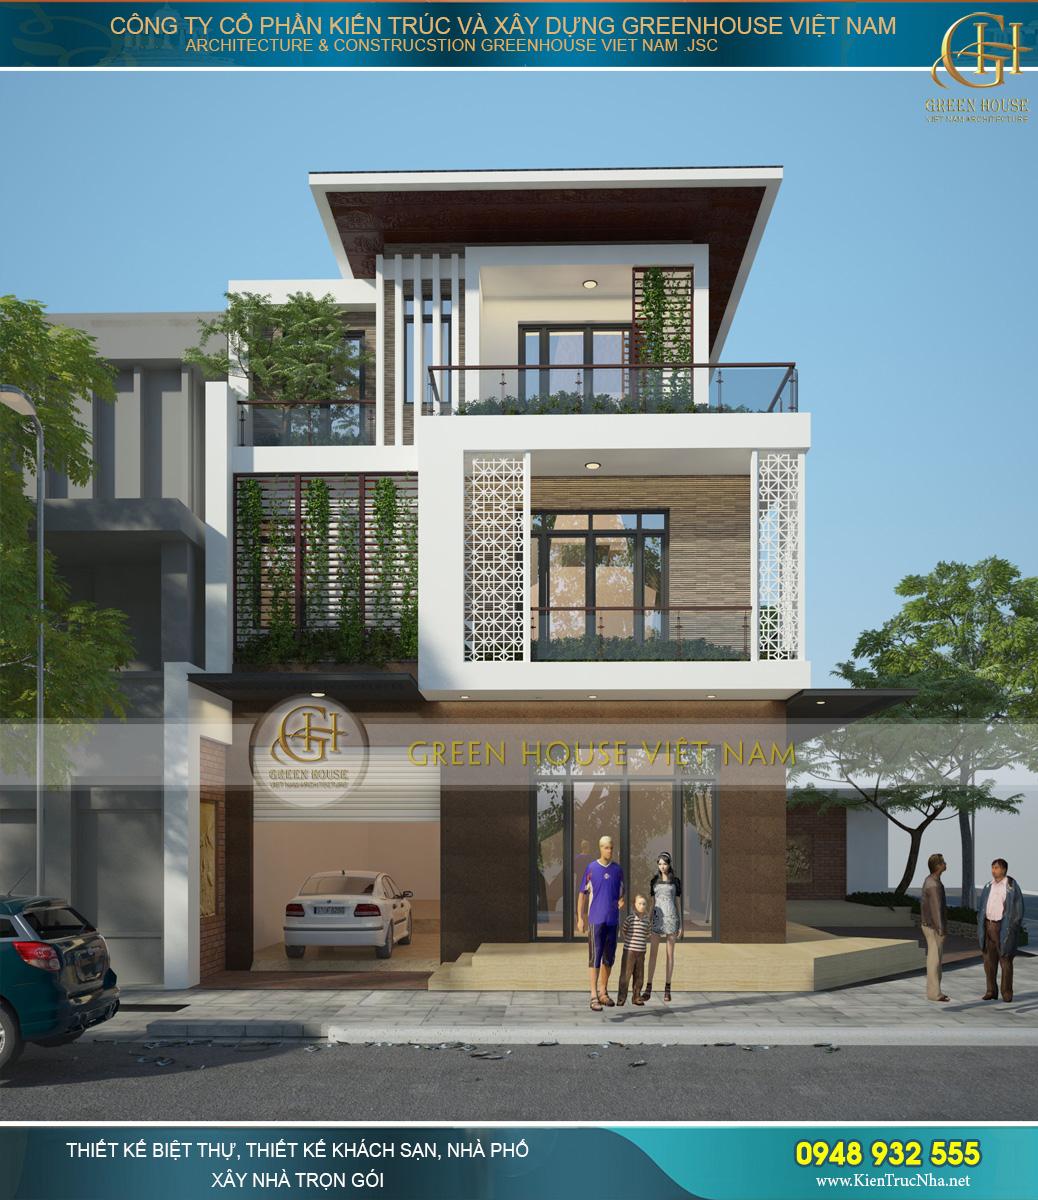 Phương án thiết kế biệt thự hiện đại 3 tầng